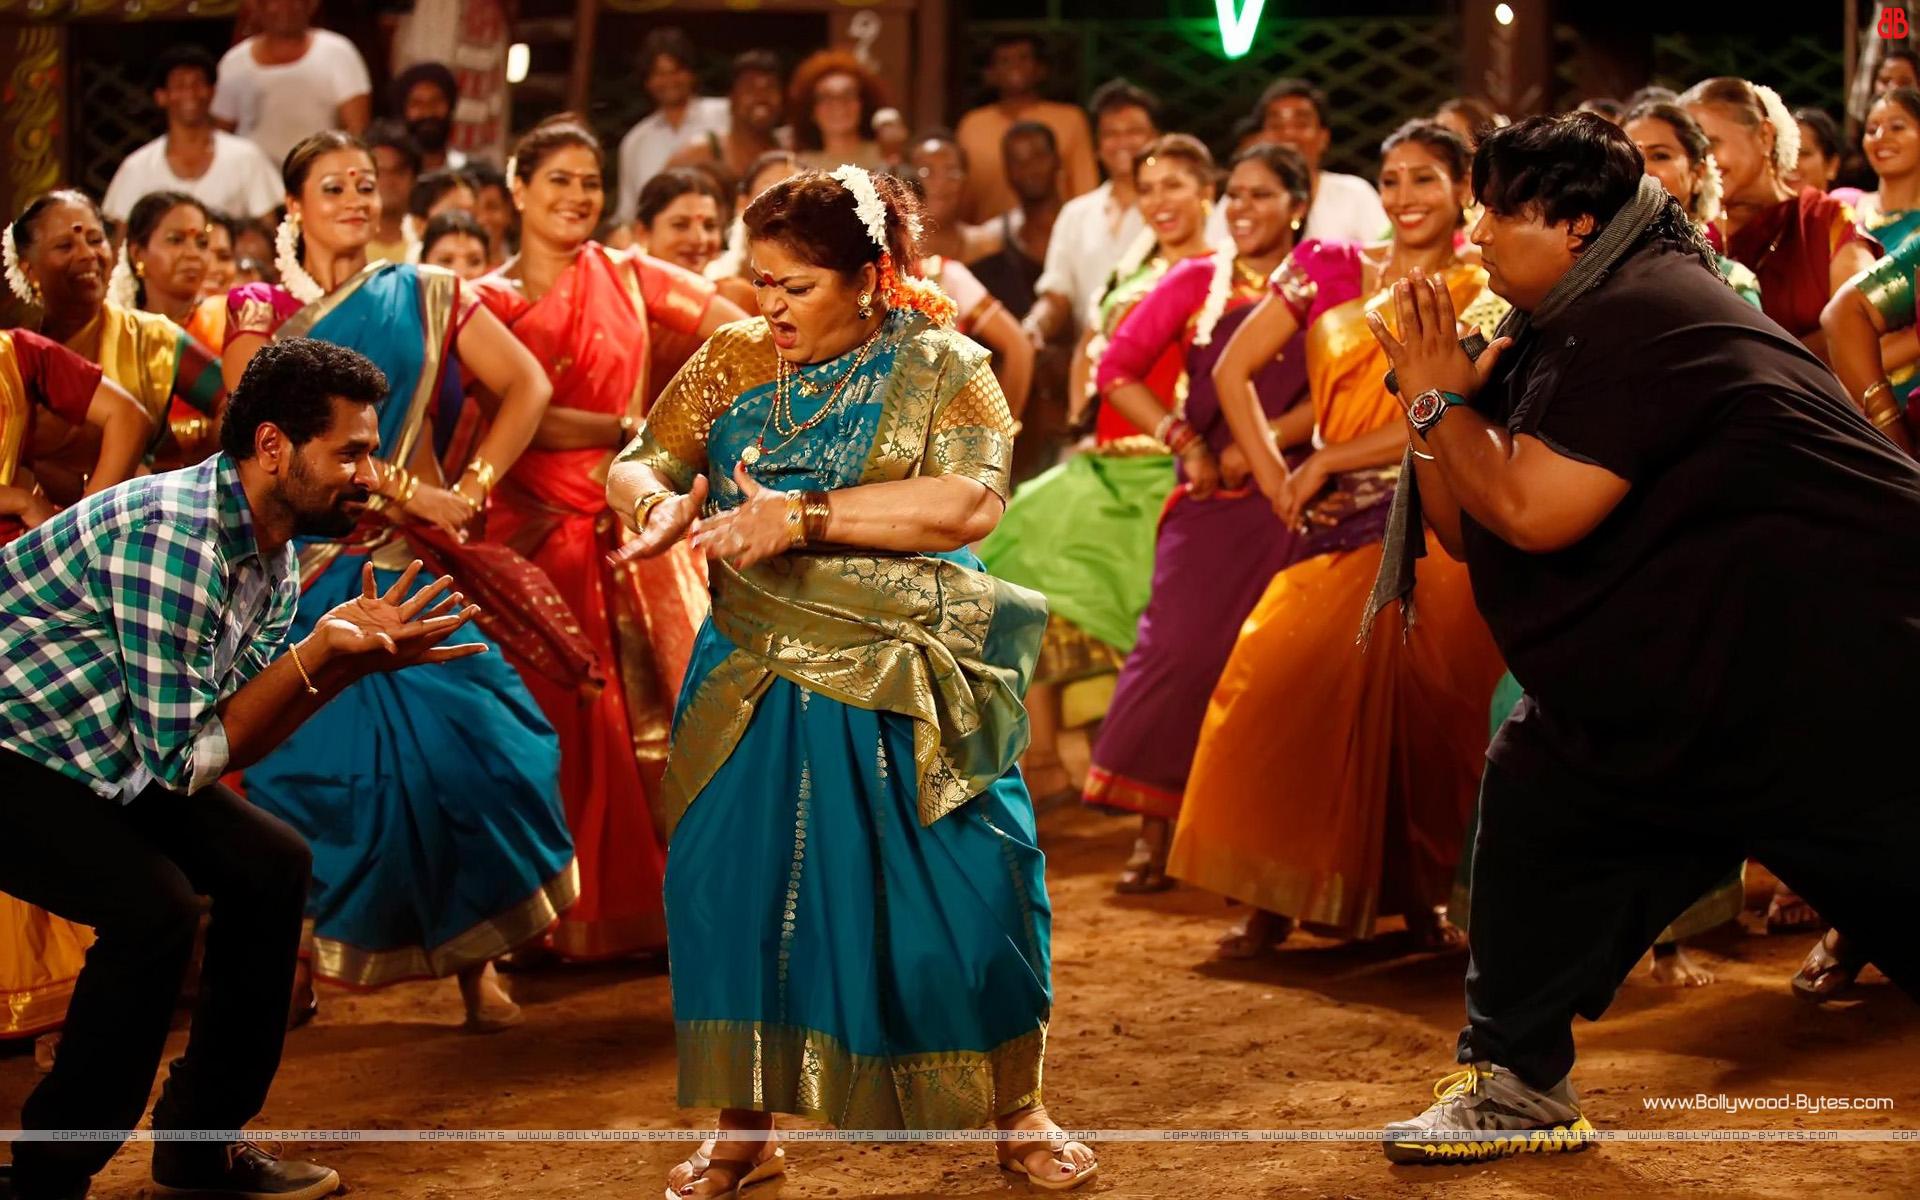 https://4.bp.blogspot.com/-XASdOT5yr_A/UPEgtYl9ozI/AAAAAAAAYhg/YcvEw-M9FUM/s1920/ABCD-Any-Body-Can-Dance-++Prabhudeva-Ganesh-Acharya-Saroj-Khan-HD-Wallpaper -06.jpg